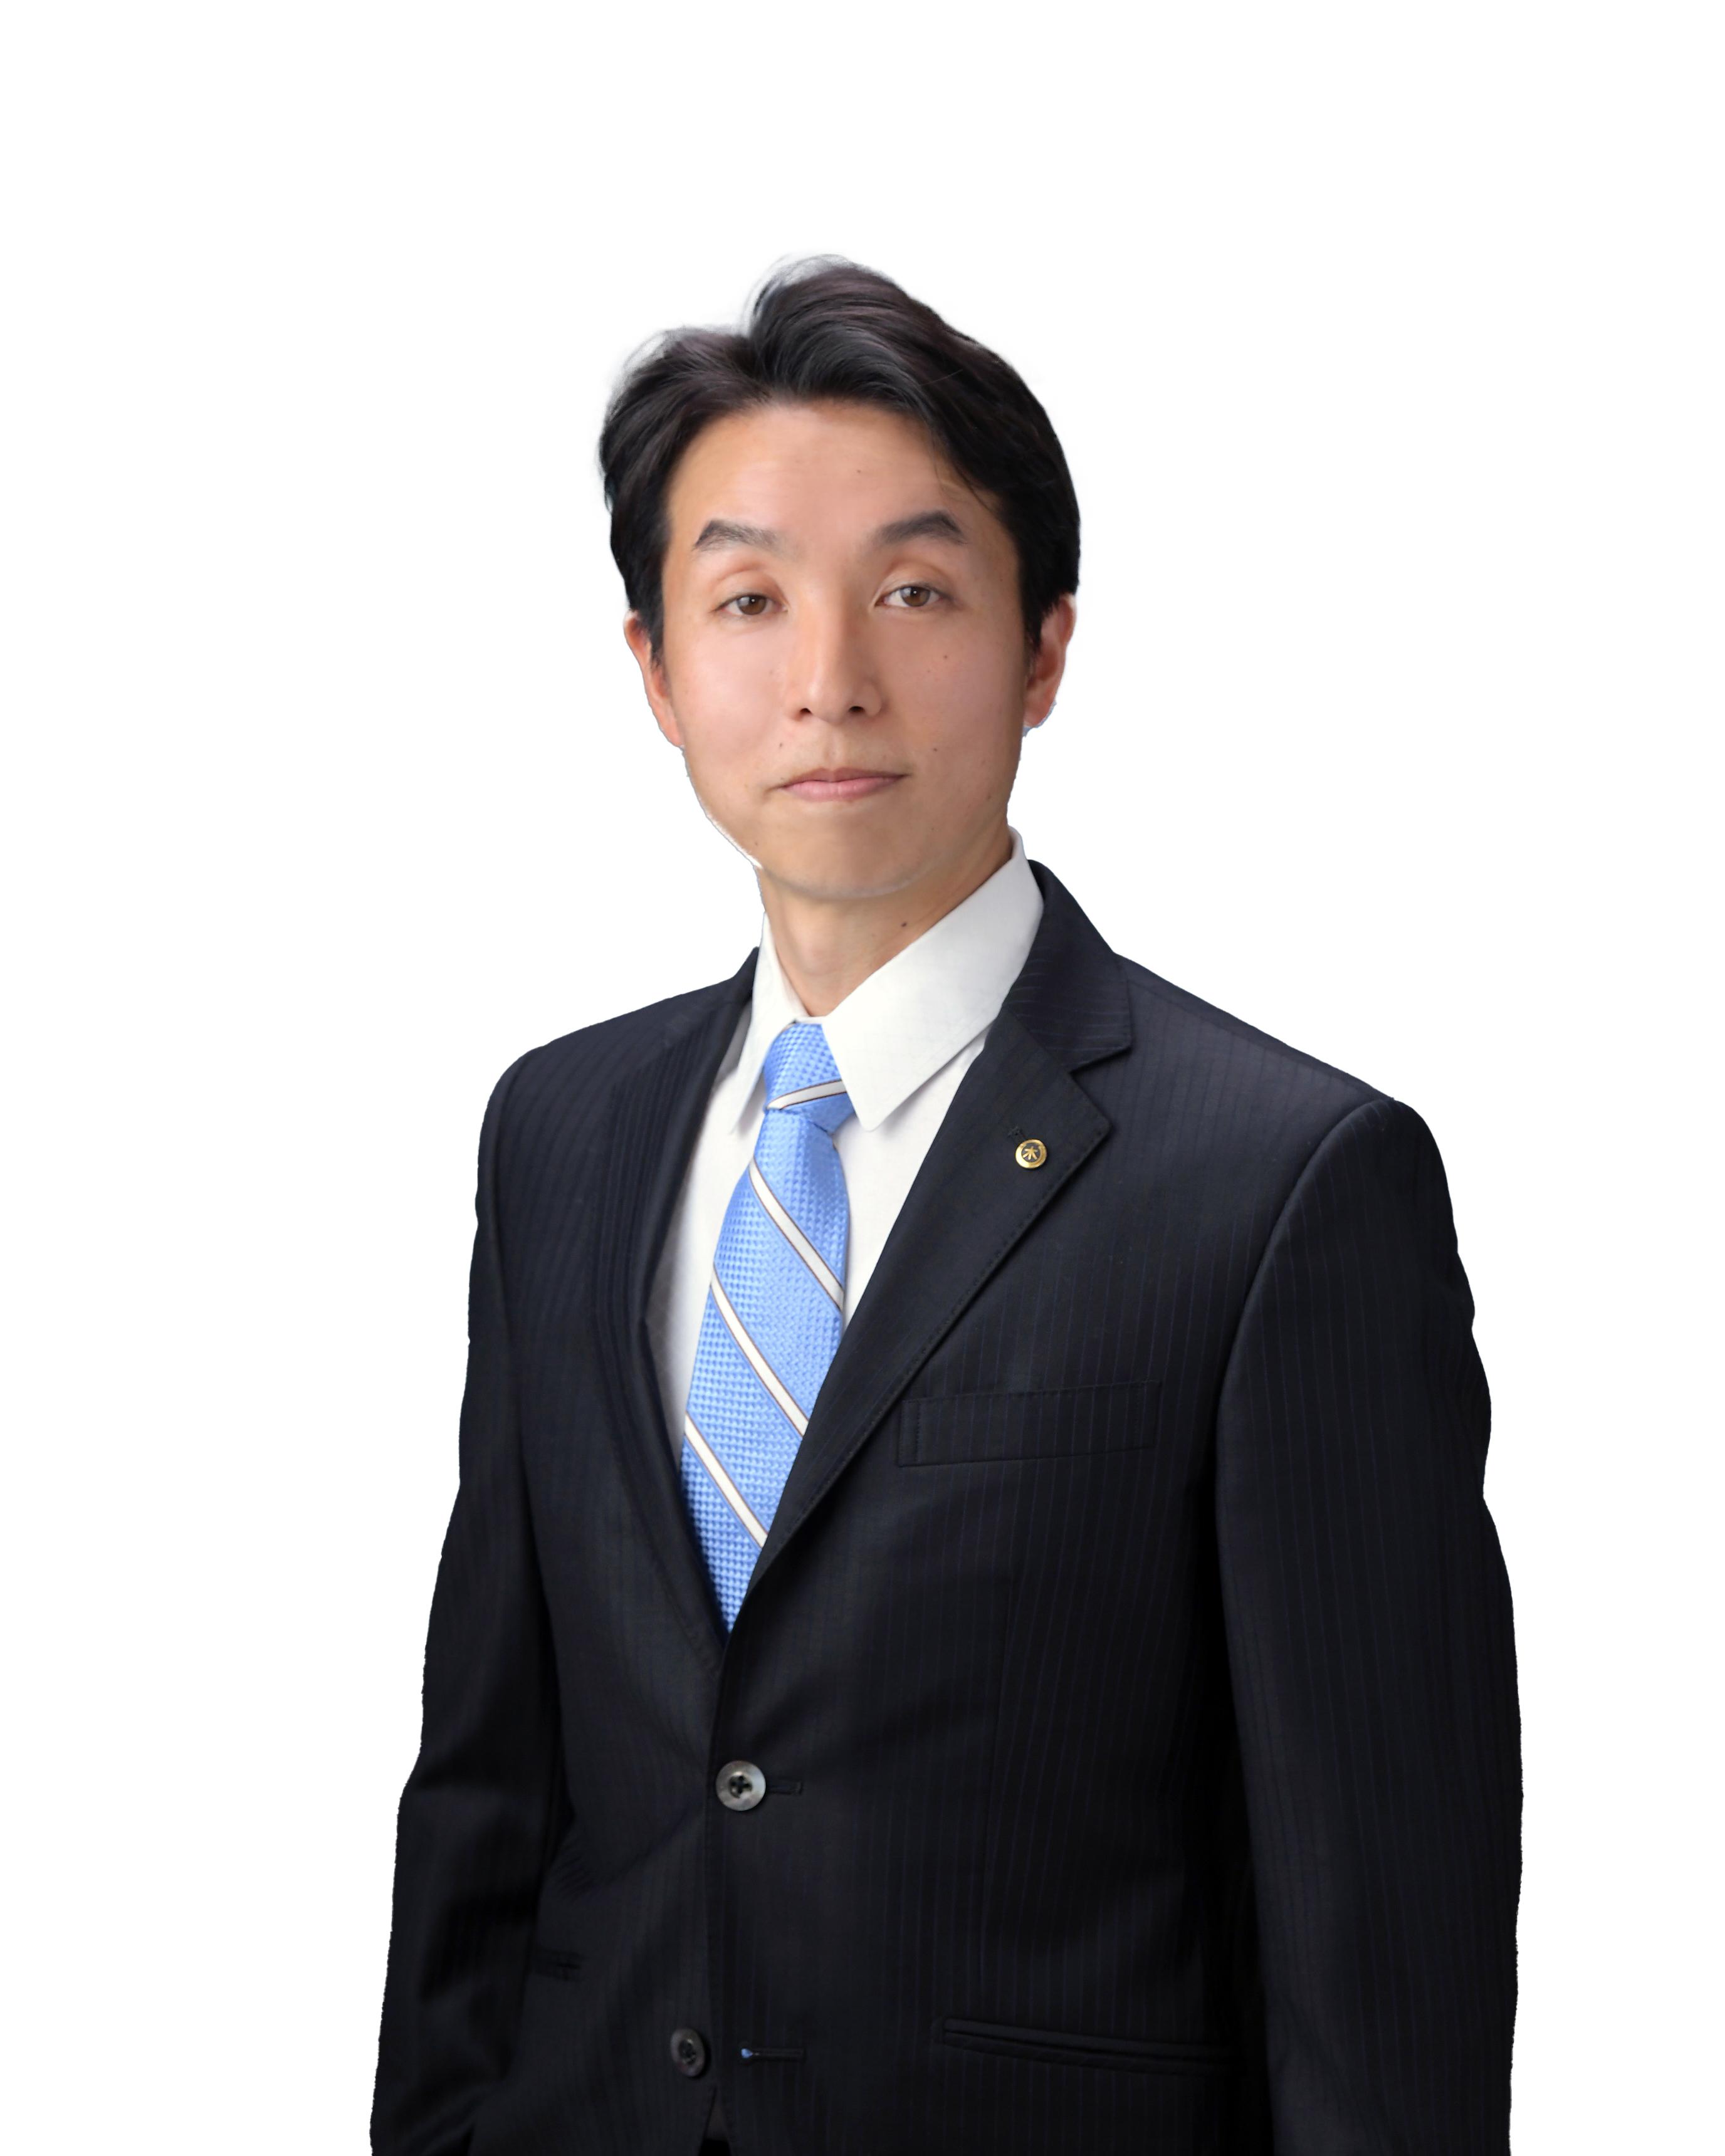 佐藤圭一郎